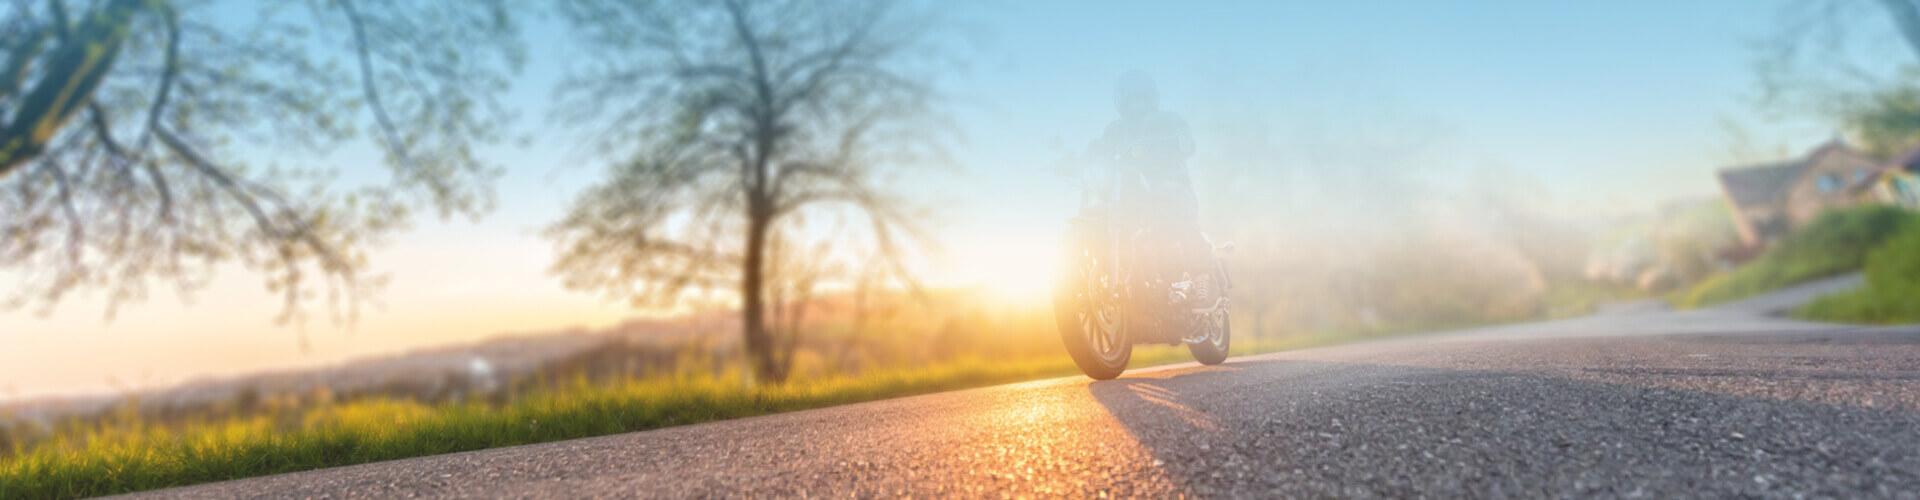 Motorradfahrer - Kulmbacher Alkoholfrei